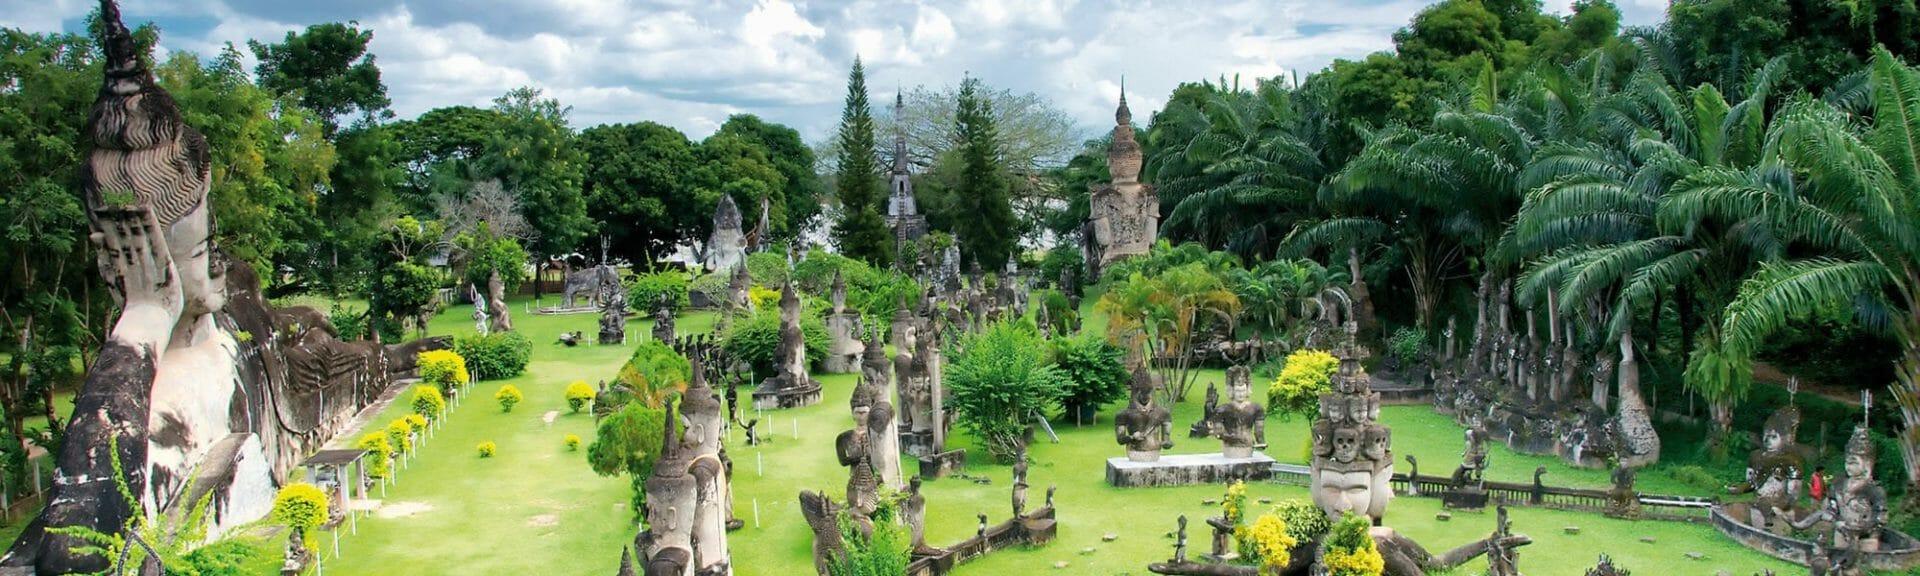 Laos_Ventiane